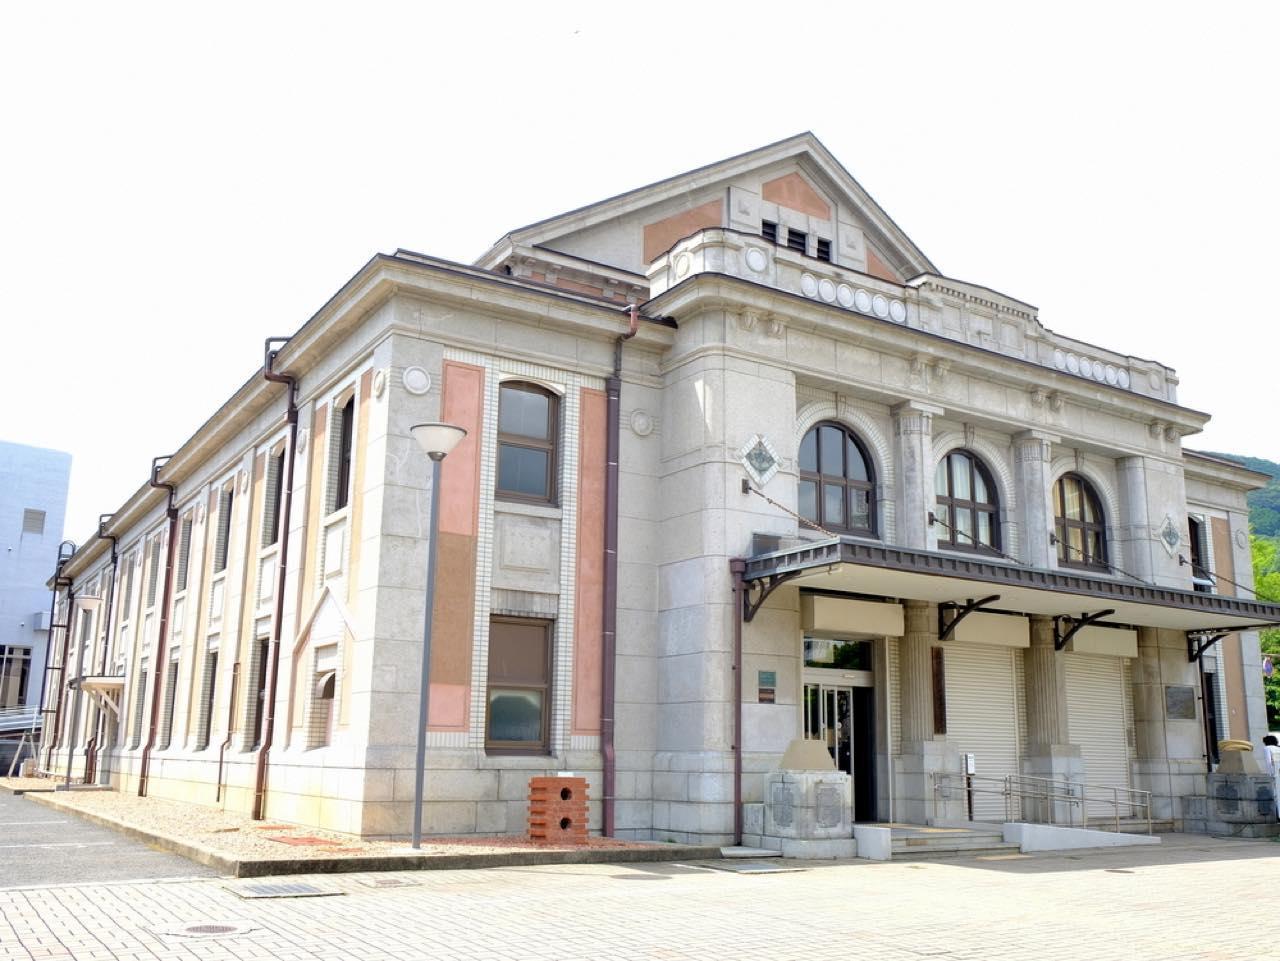 画像: 旧佐世保鎮守府凱旋記念館(市民文化ホール)は日本遺産「鎮守府(日本海軍の役所機関)」構成資産のひとつ。大正時代に寄付金によって建てられた、レンガと鉄筋コンクリート造の建物です。